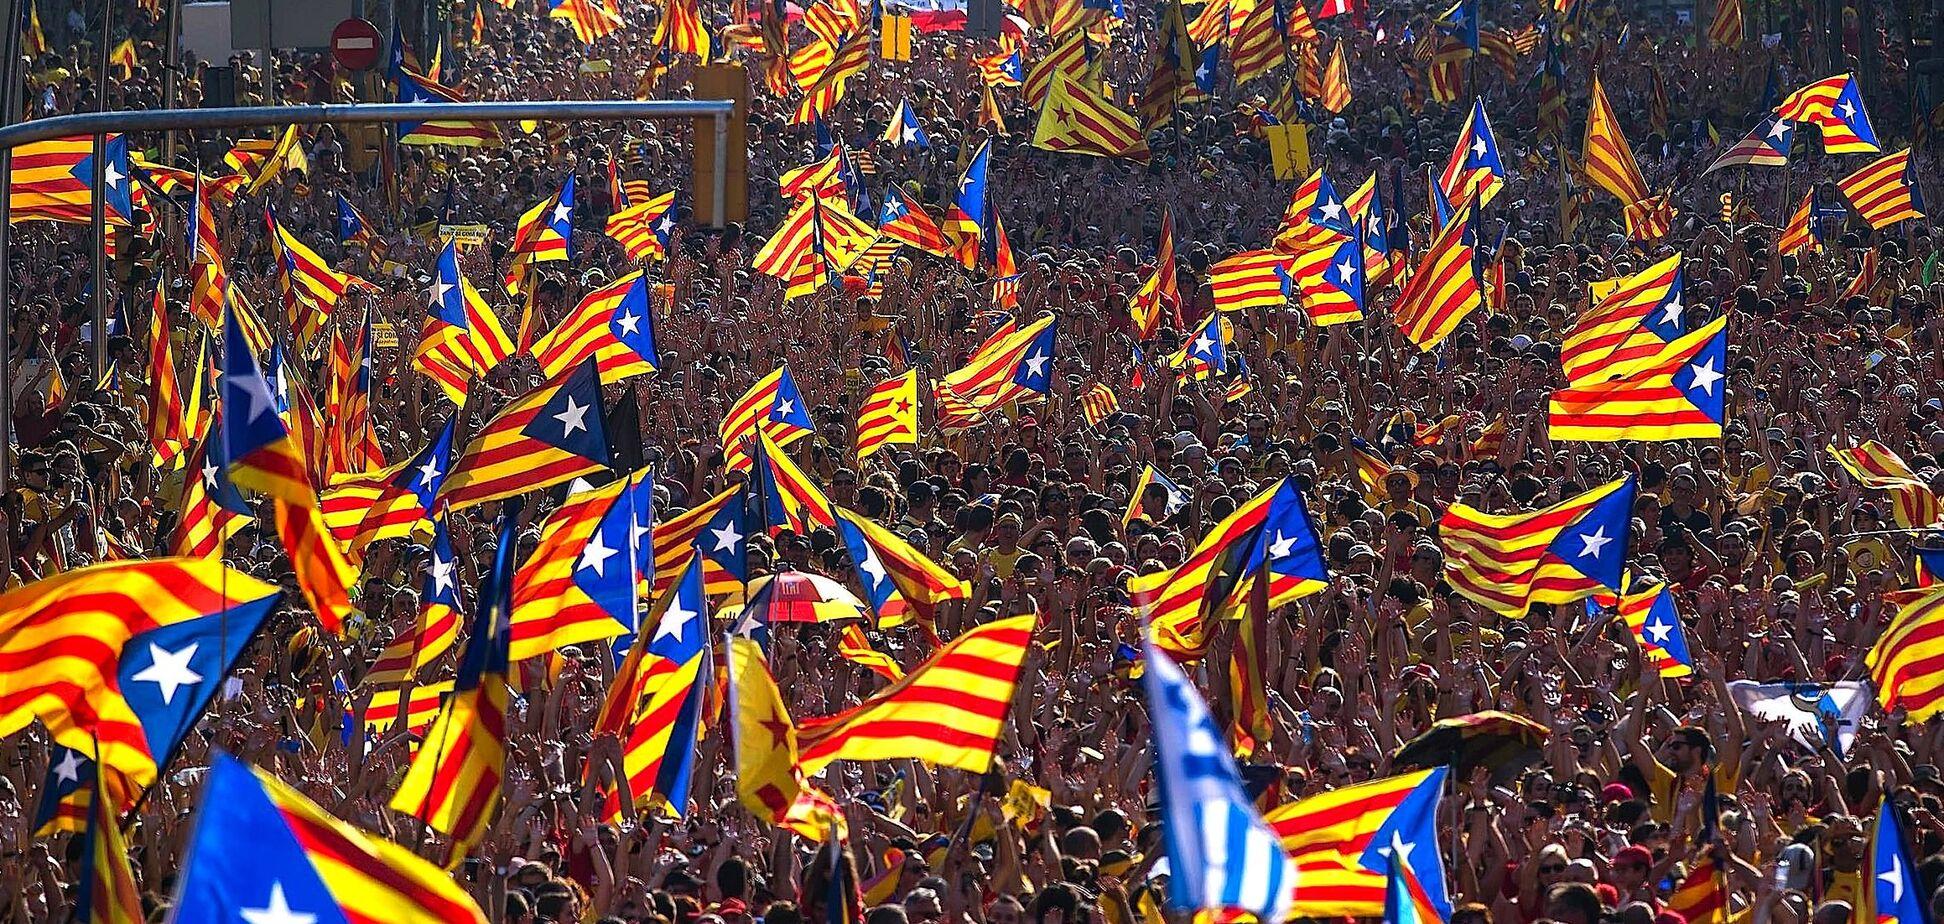 Кризис в Каталонии: Испания назвала свои потери от сепаратизма